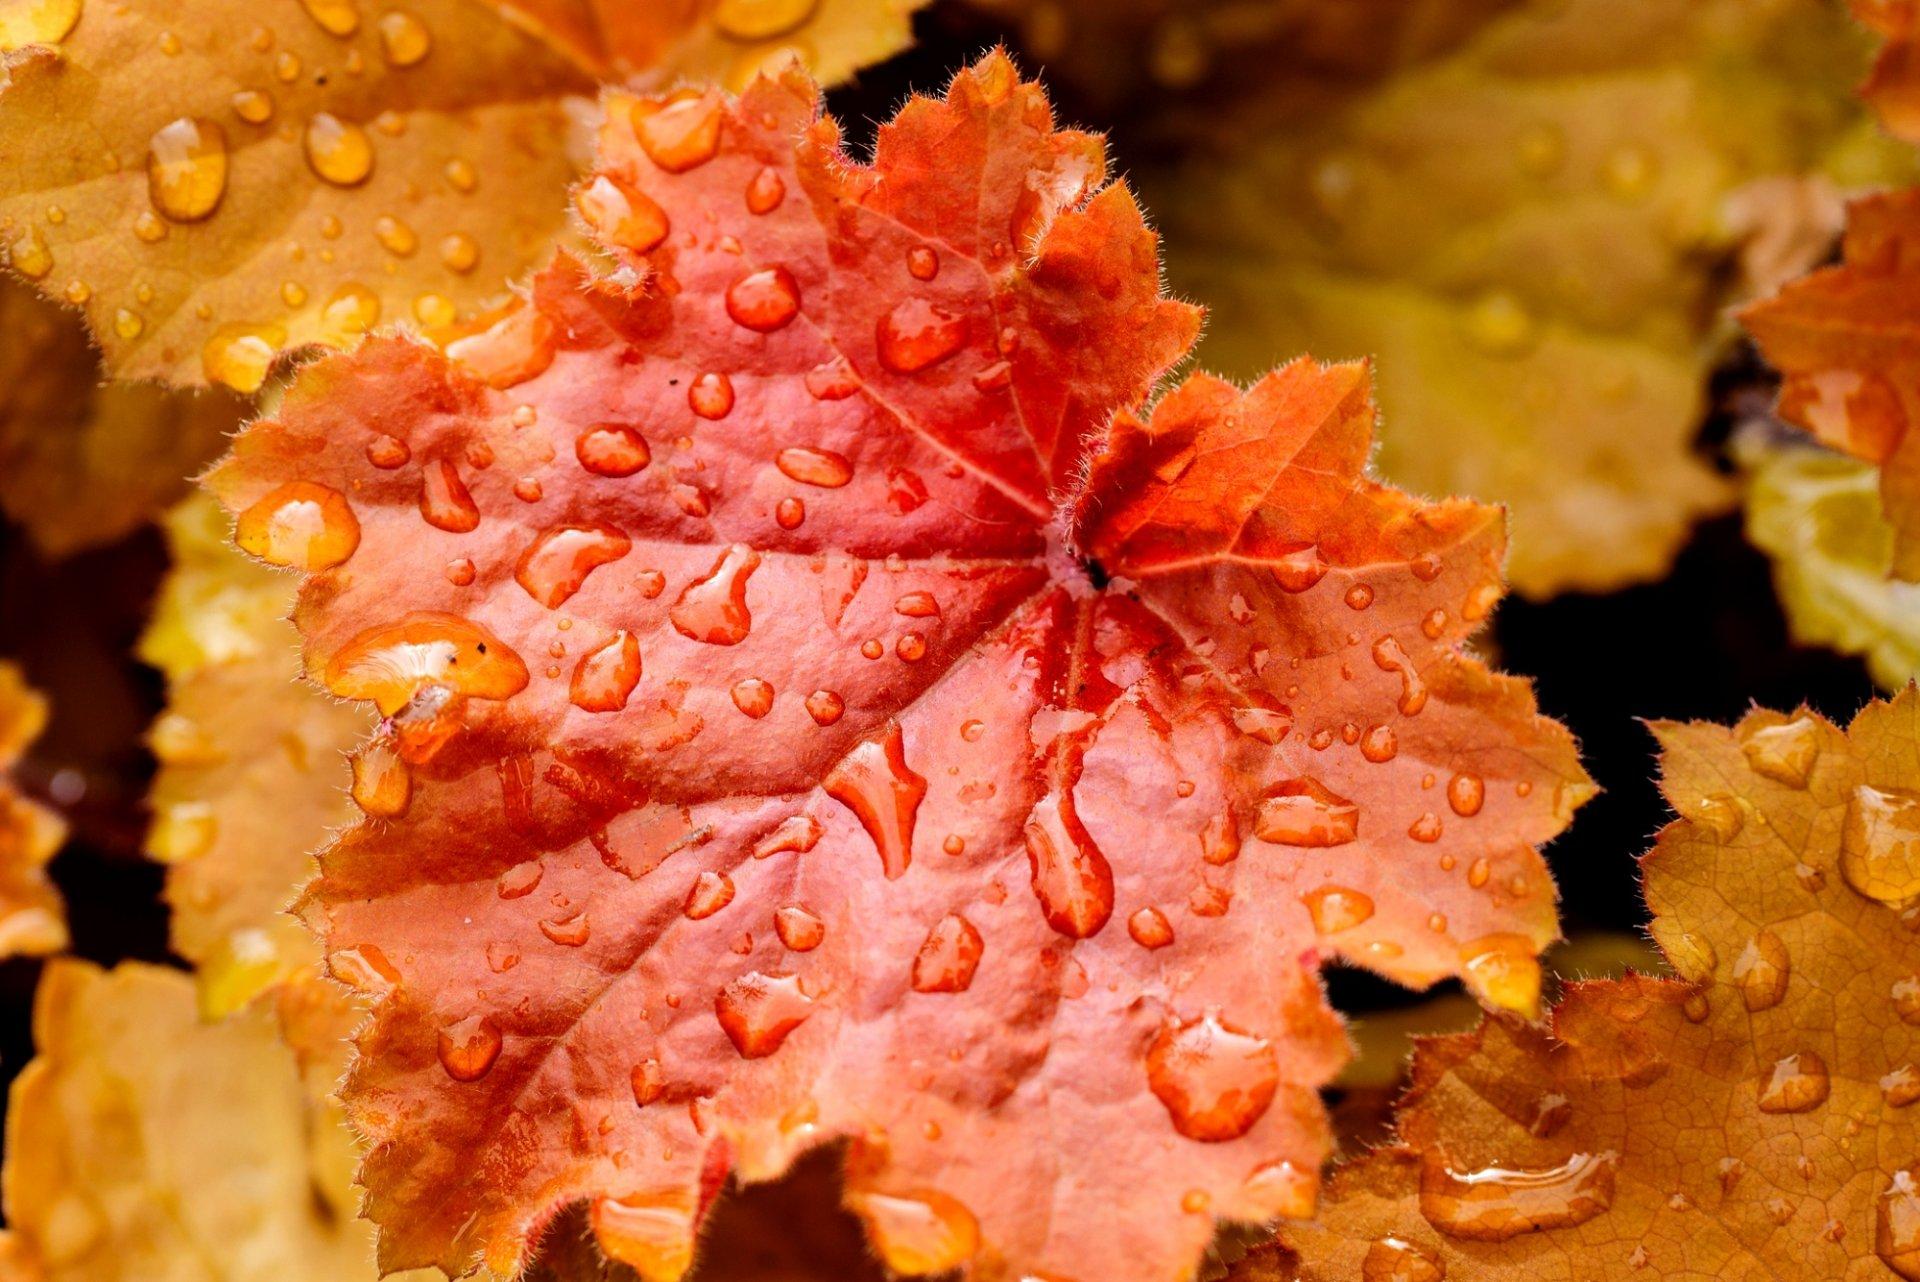 Formal Elements Colour : лист листья оранжевые желтые вода капли капельки осень